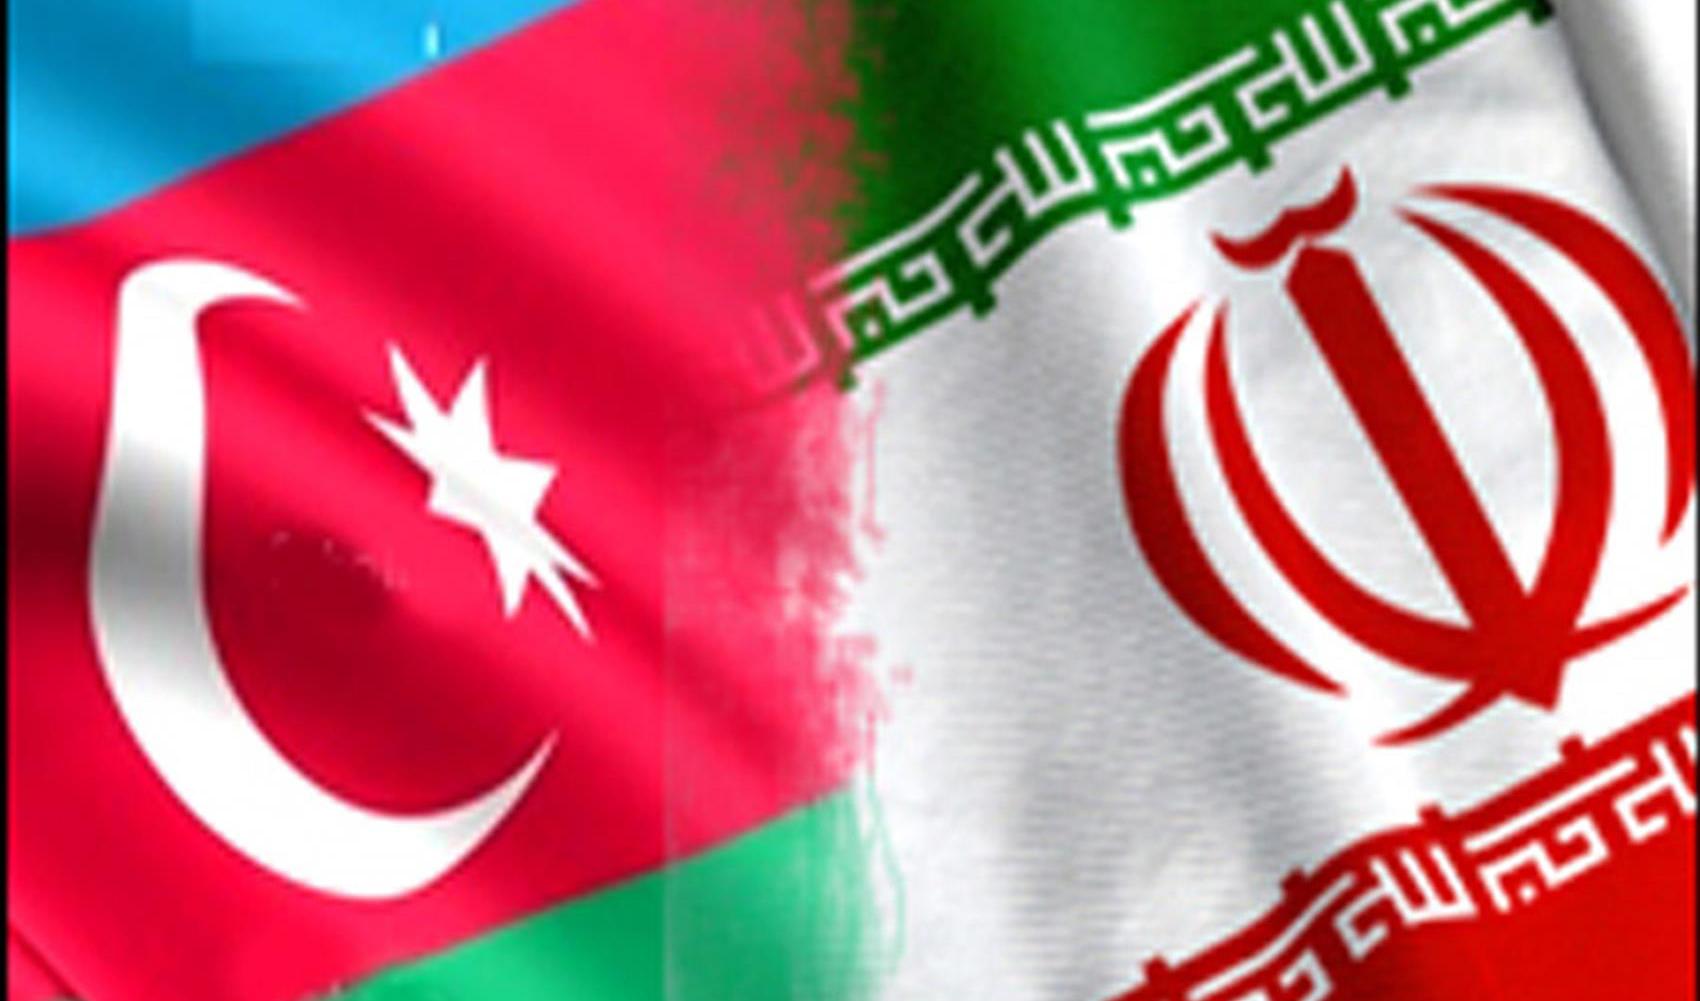 گام نخست موافقتنامه تجارت ترجیحی بین ایران و آذربایجان/ افزایش مبادلات تجاری دو کشور به ۵۰۰ میلیون دلار